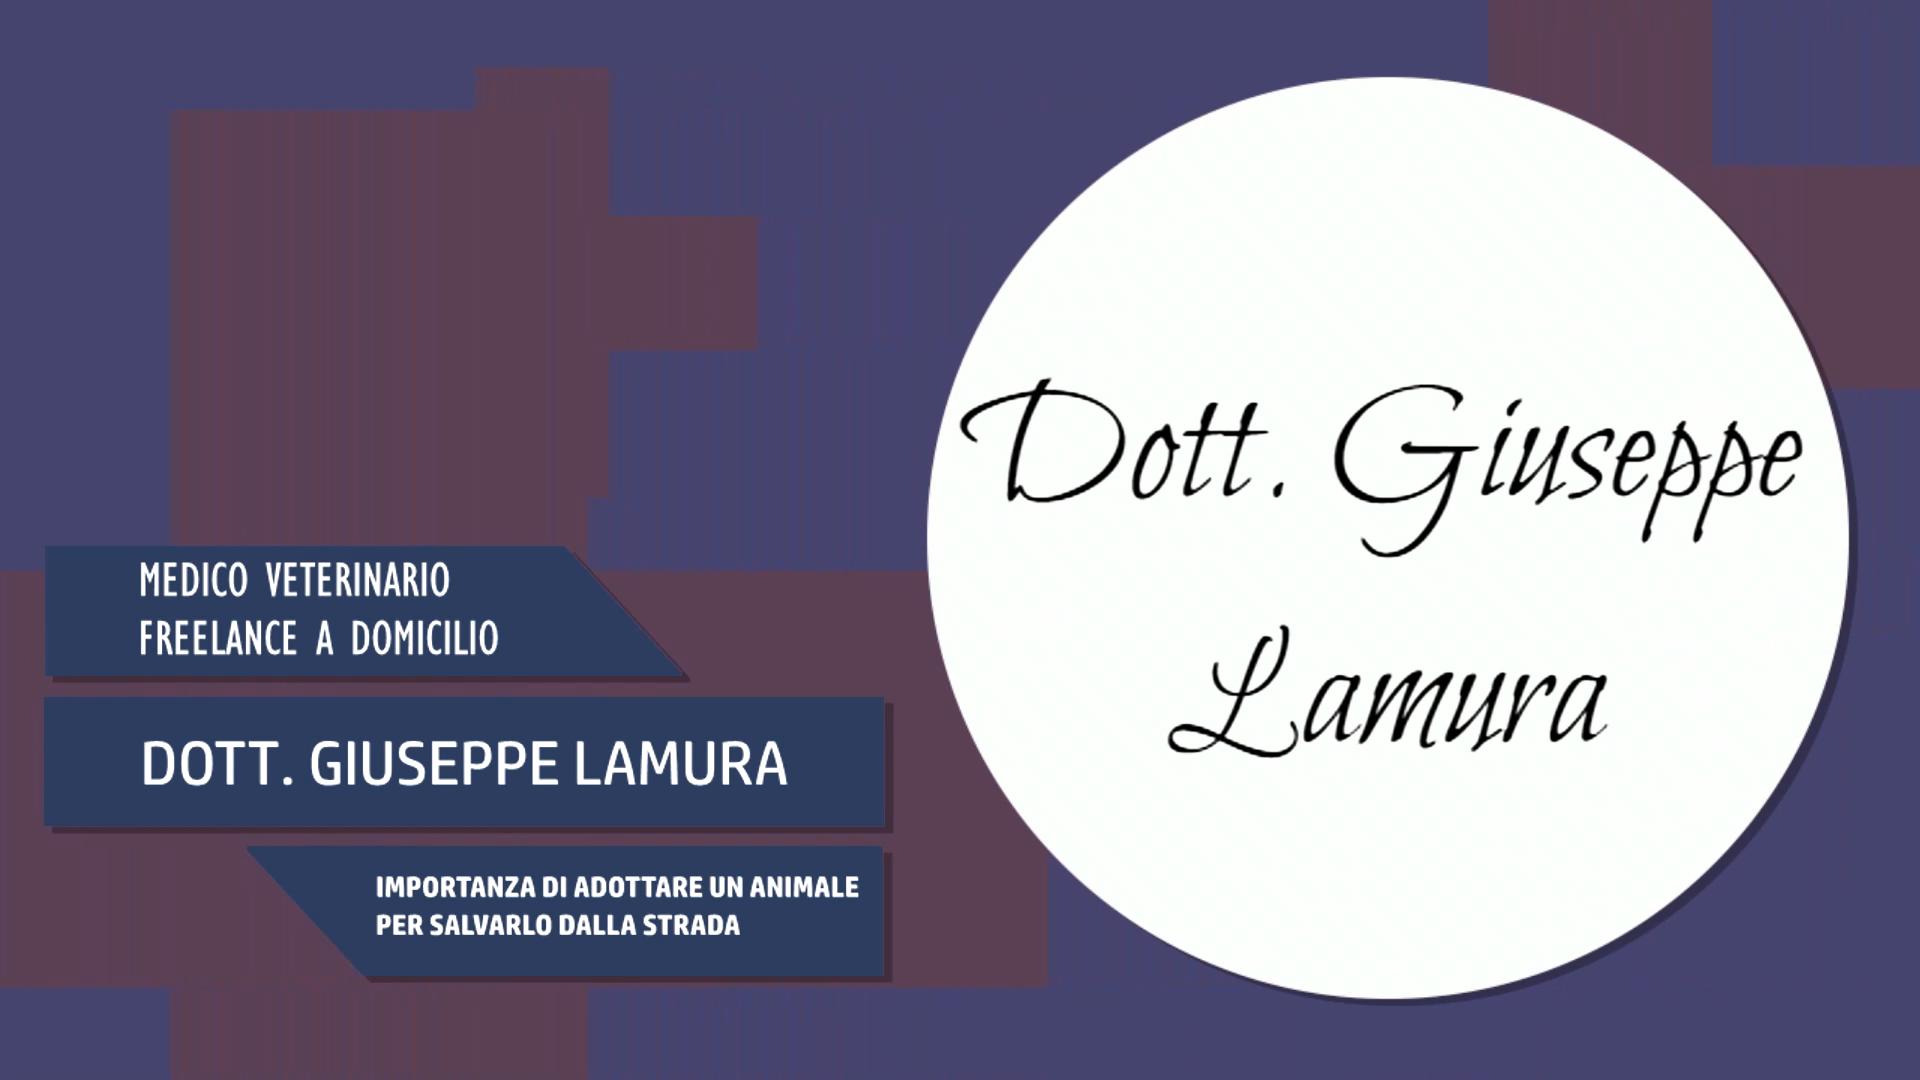 Intervista al Dott. Giuseppe Lamura – Importanza di Adottare un animale